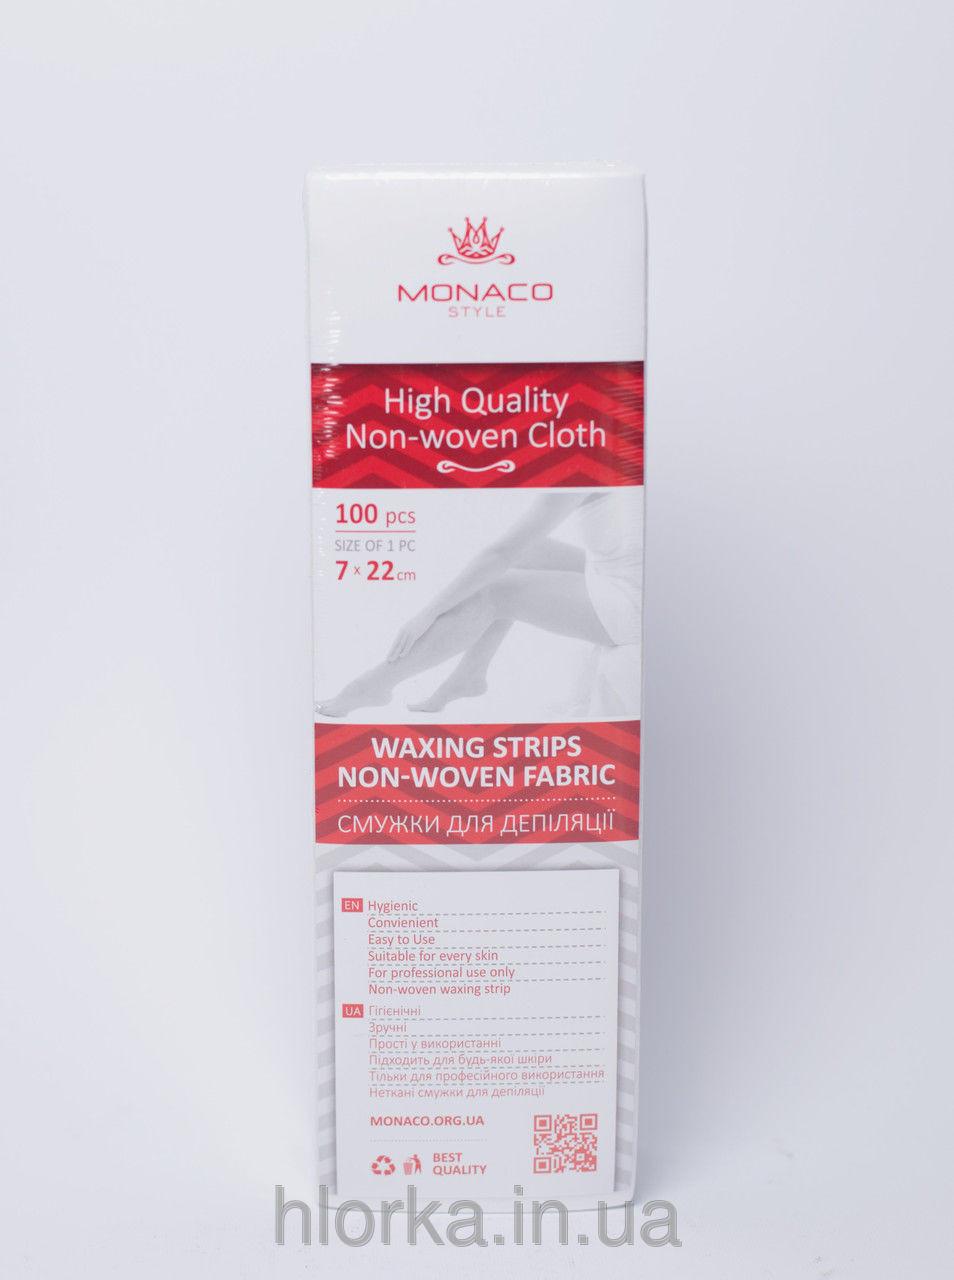 Полоски для депиляции в упаковке 100 шт Monaco